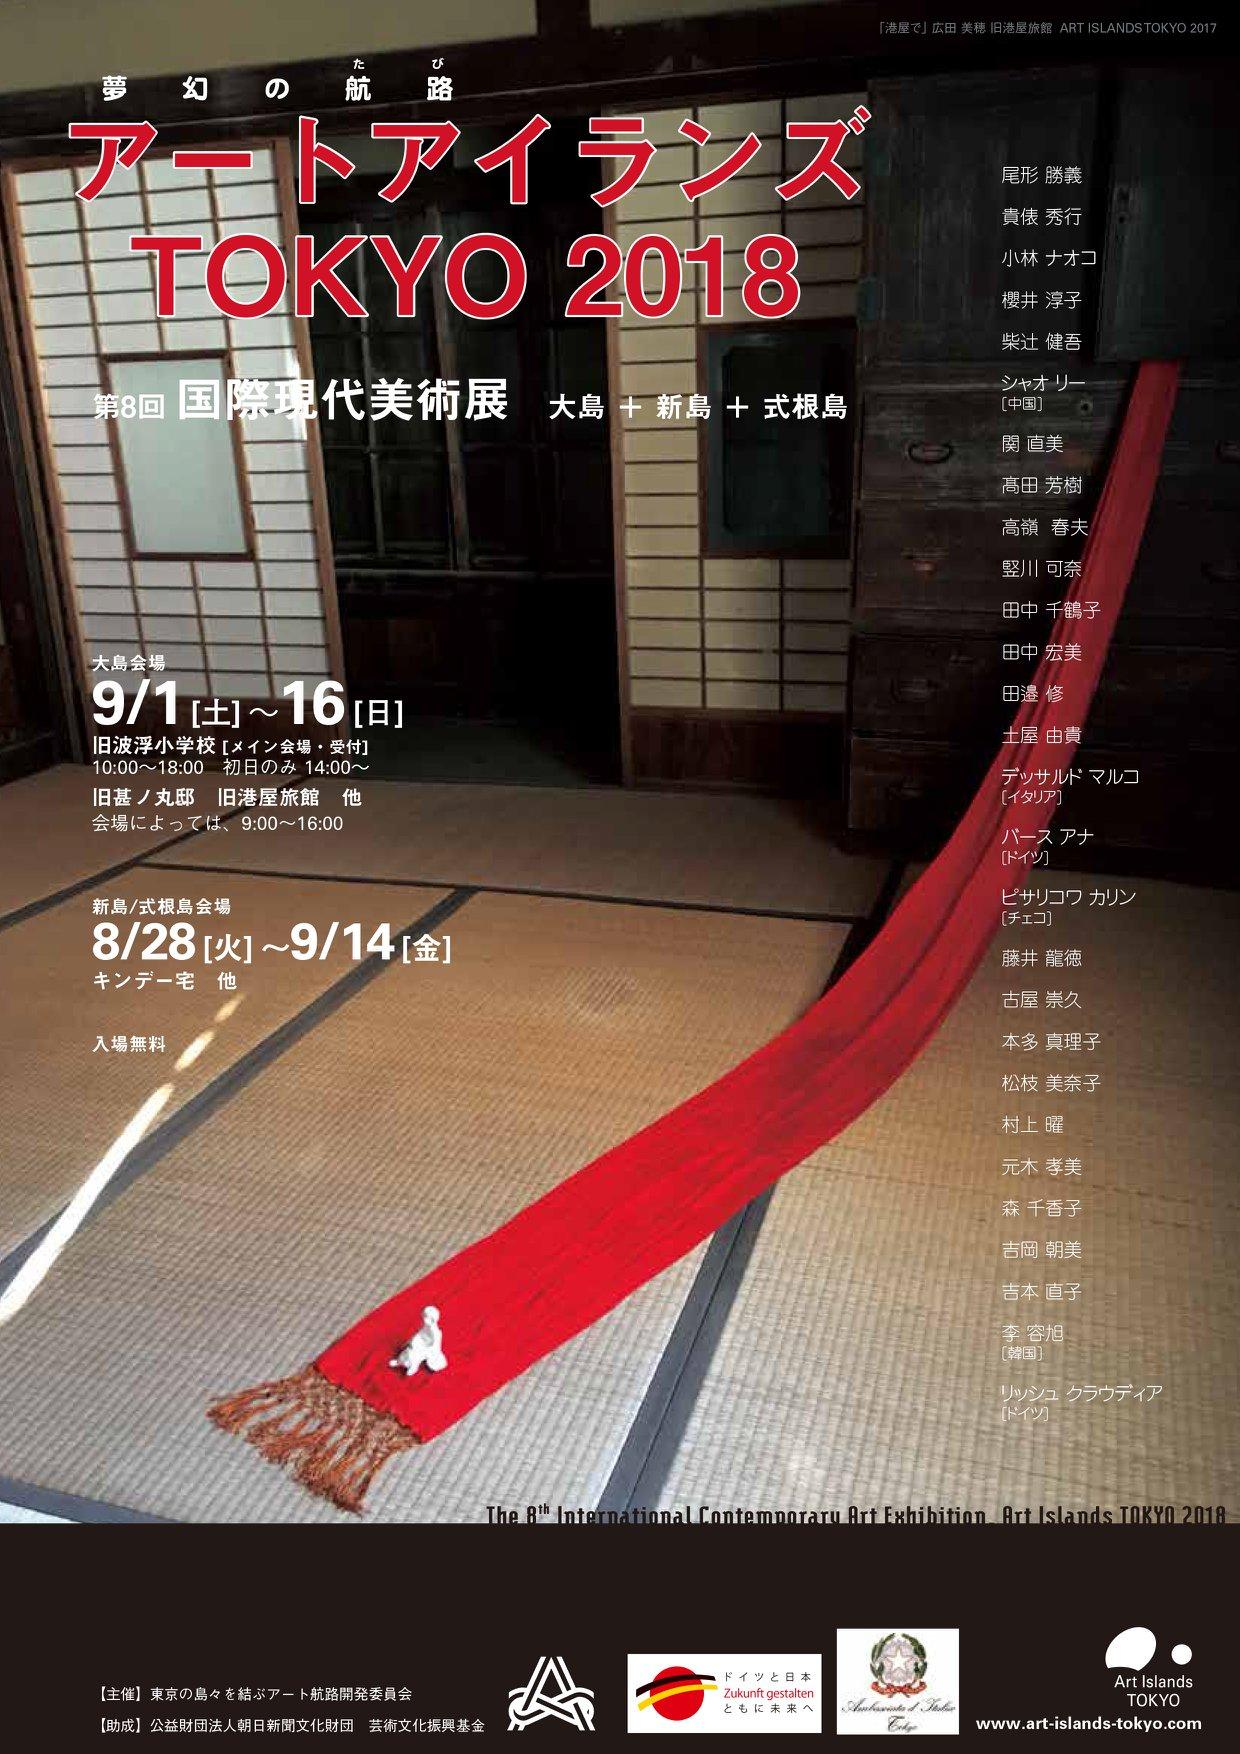 アートアイランズTOKYO 2018 第8回 国際現代美術展 大島+新島+式根島